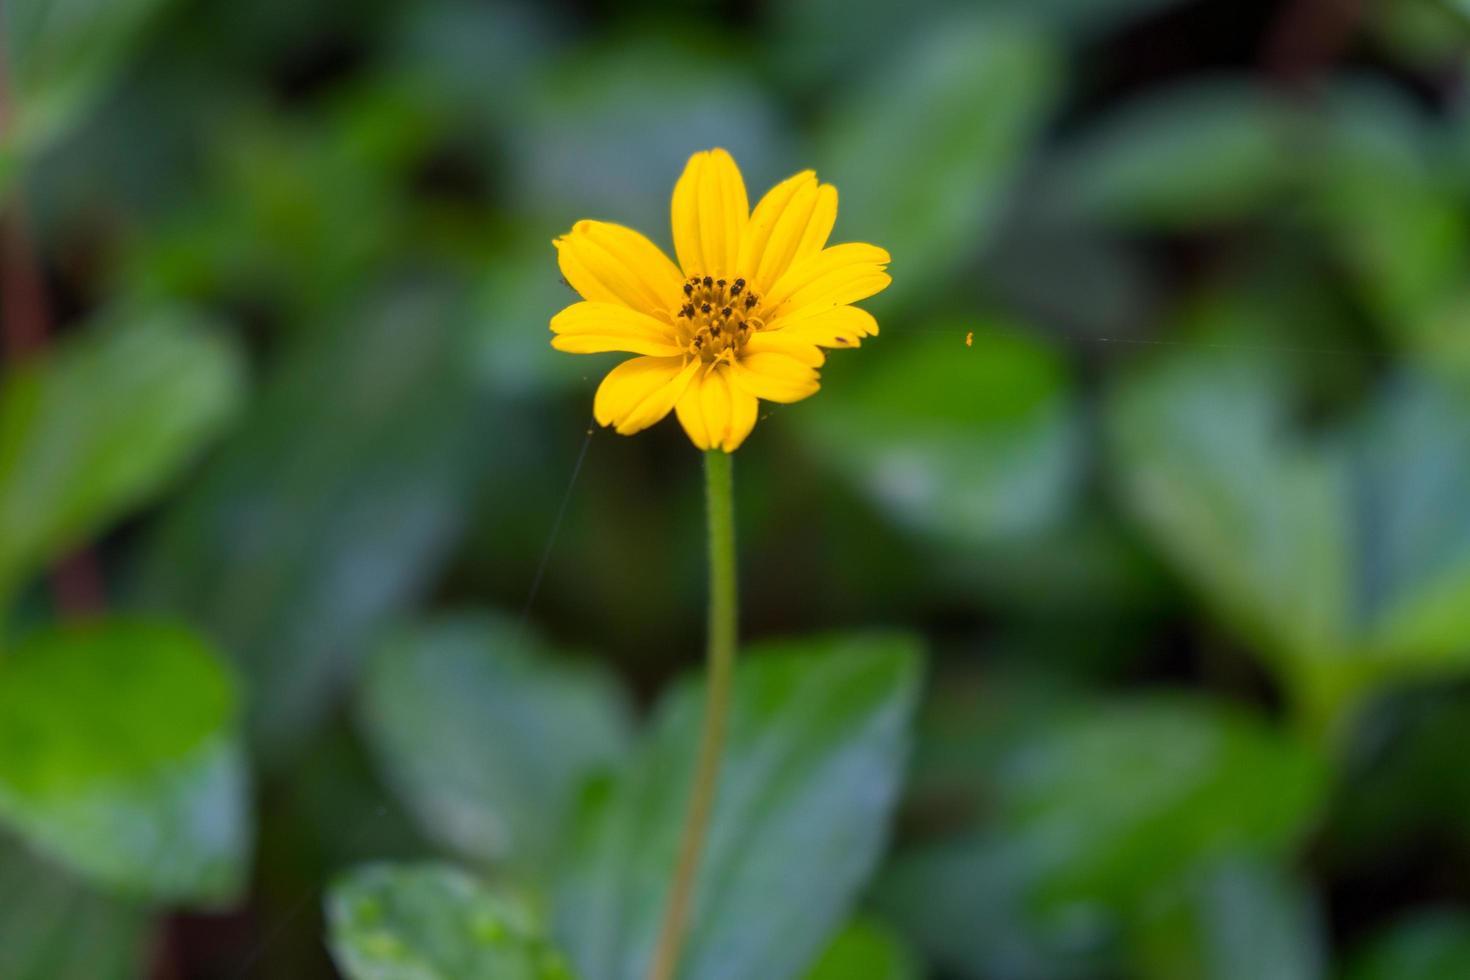 gelbe Gänseblümchenblume im Park foto